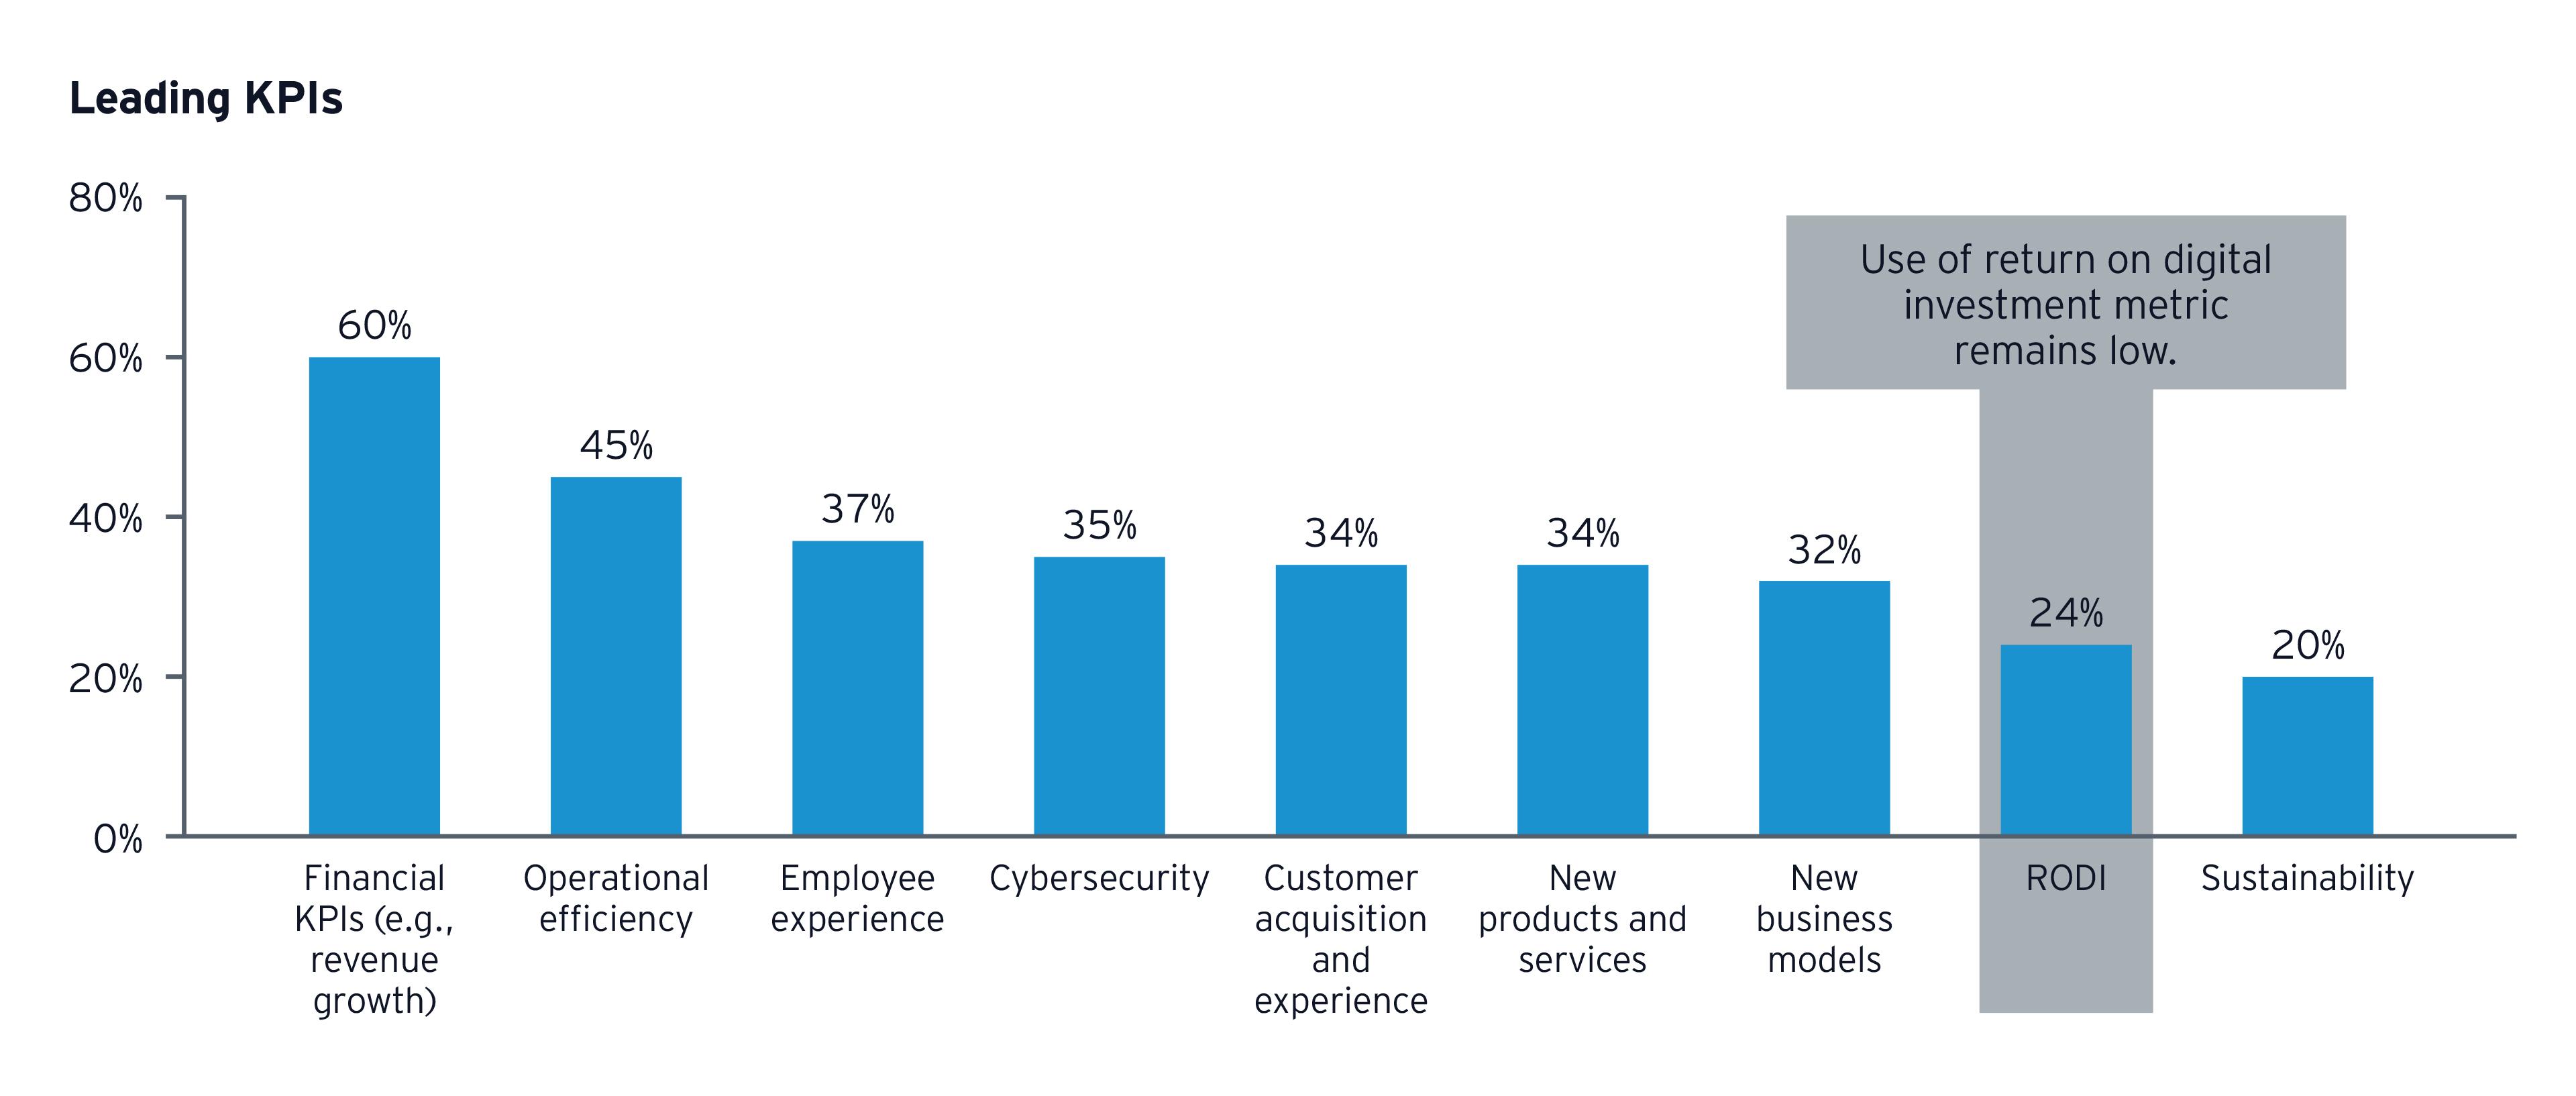 EY-Parthenon DII survey tech sector leading KPIs show low RODI metric